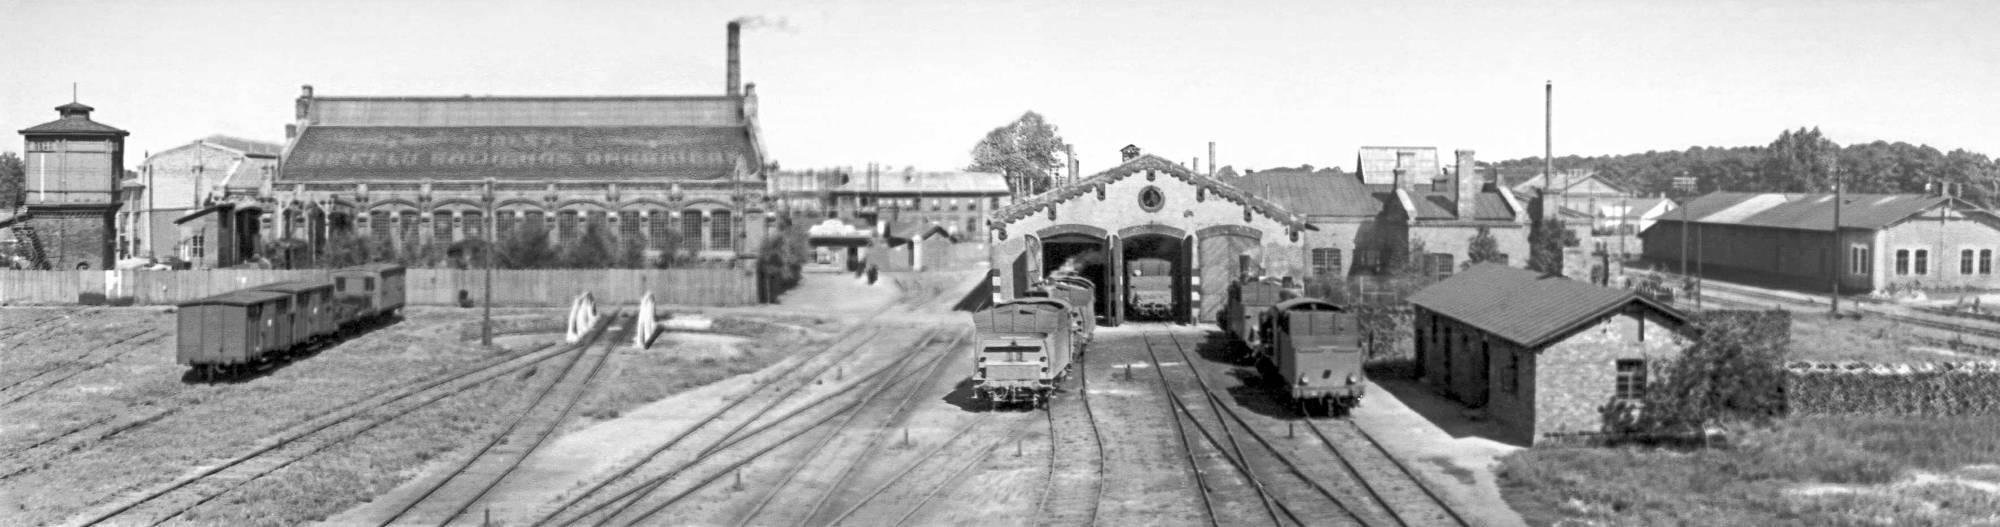 GAISS-arhitekti-MADE-Railway-Museum-web2 (12)